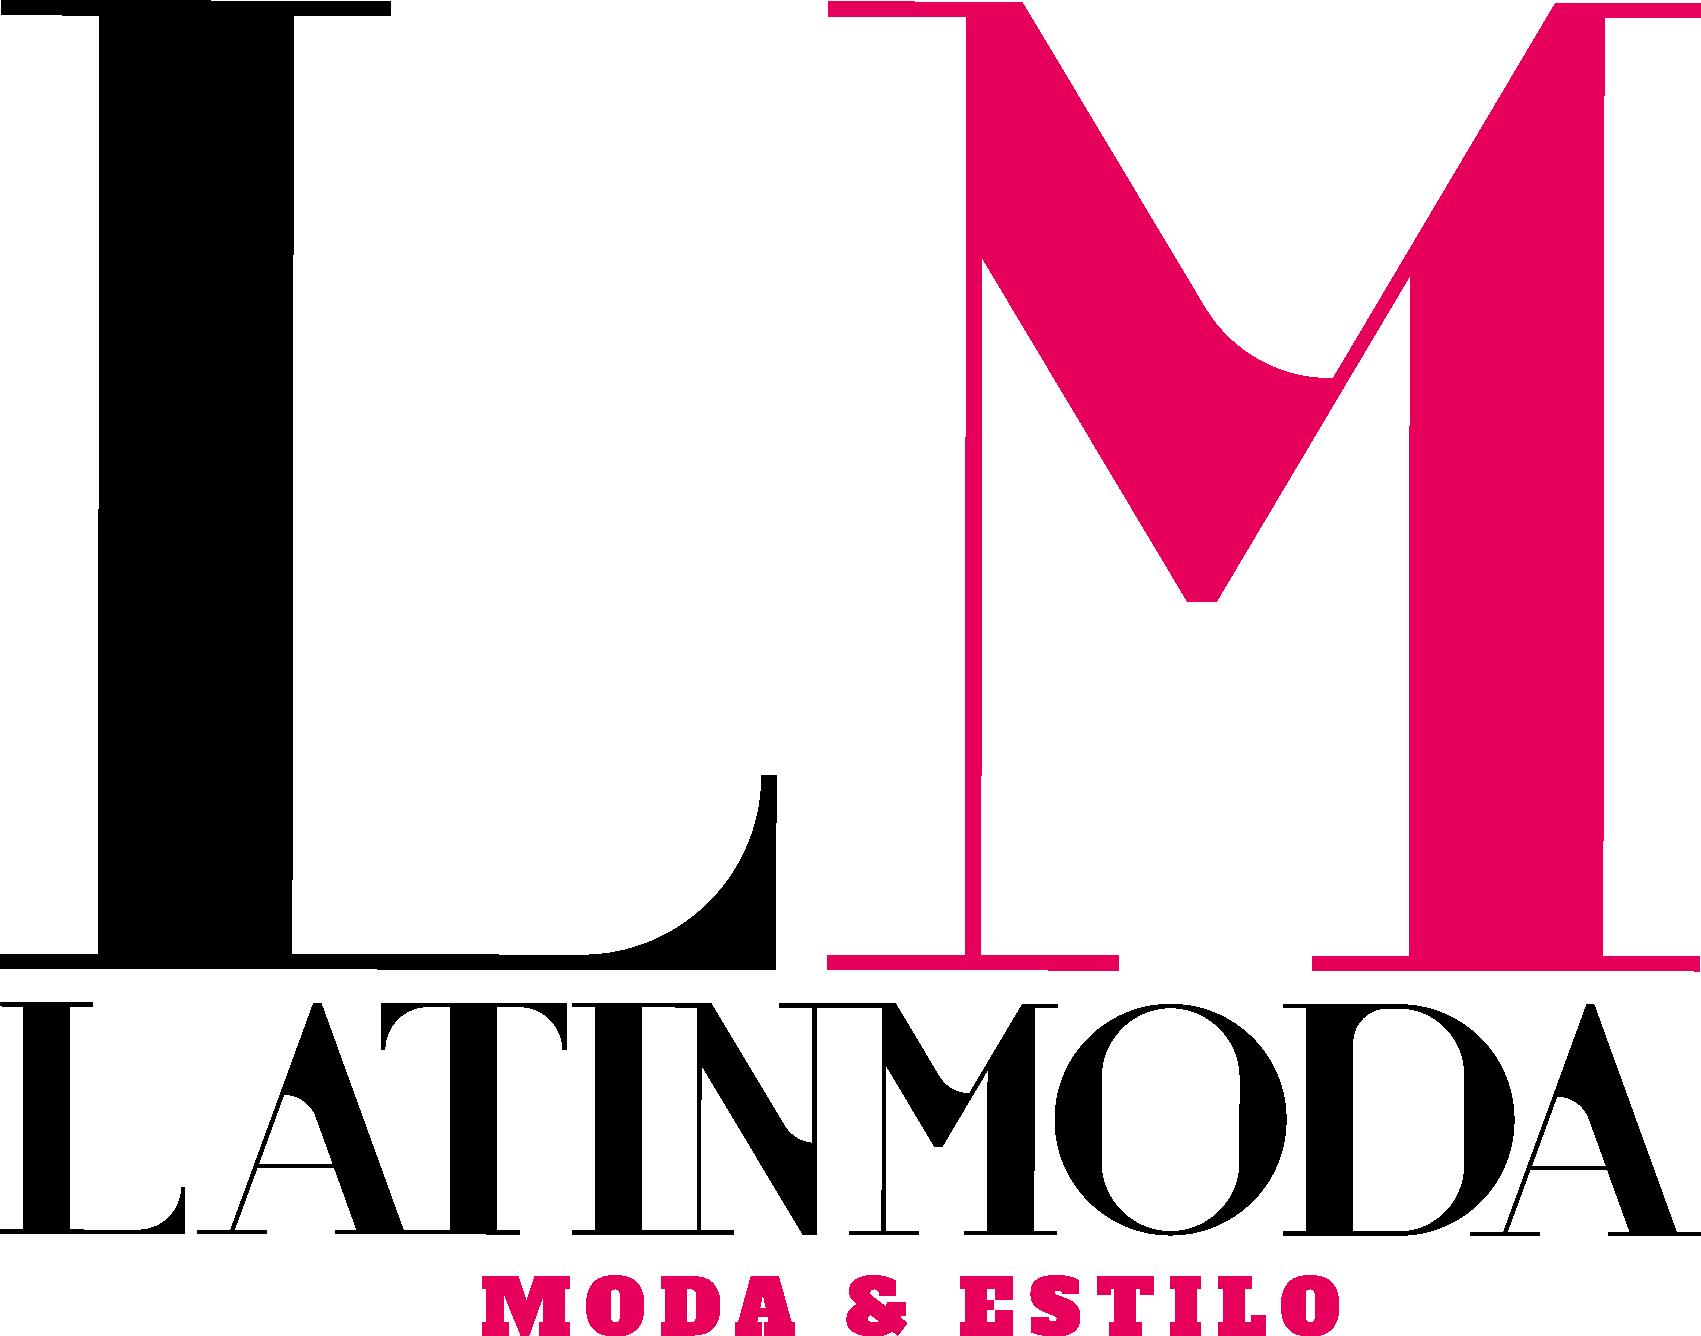 Logo Latin Moda a93643a54d83